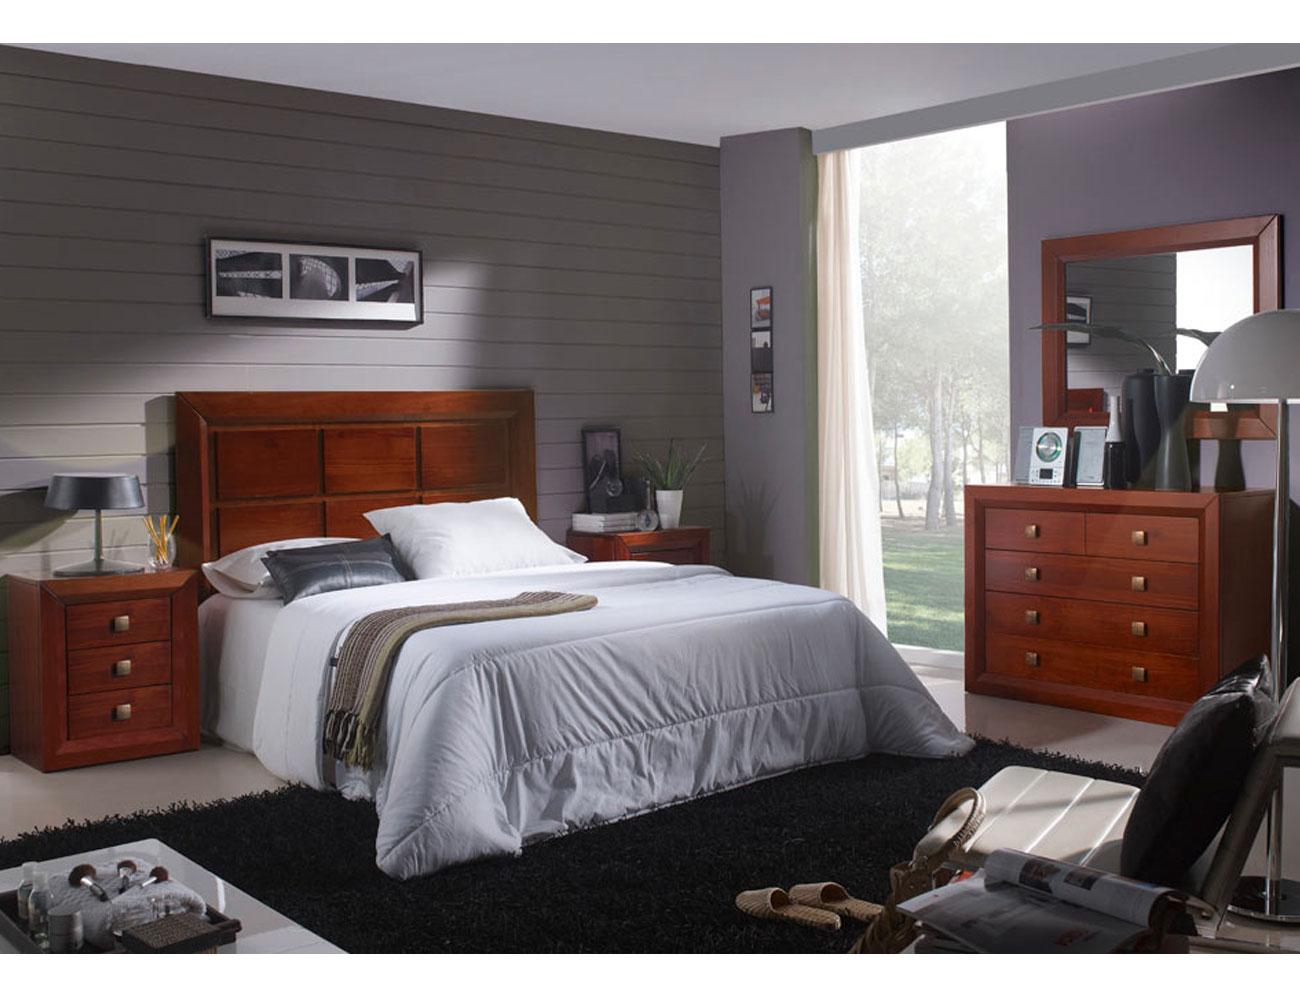 Dormitorio matrimonio comoda 5c nogal madera dm2